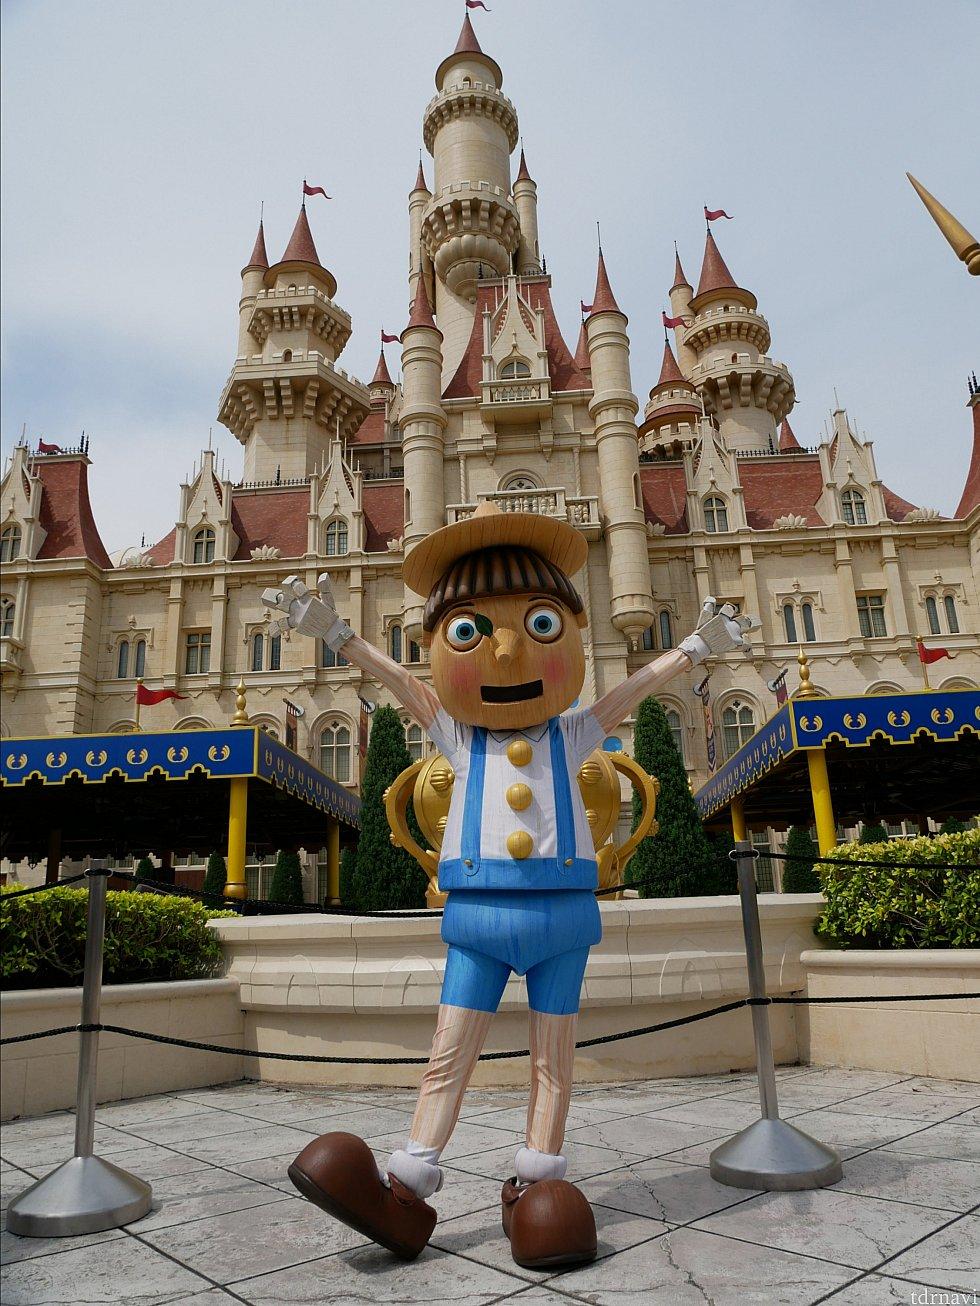 お城の前で映画『シュレック』に出てくるピノキオがグリしてました!!!このロケーションがすごい!!!